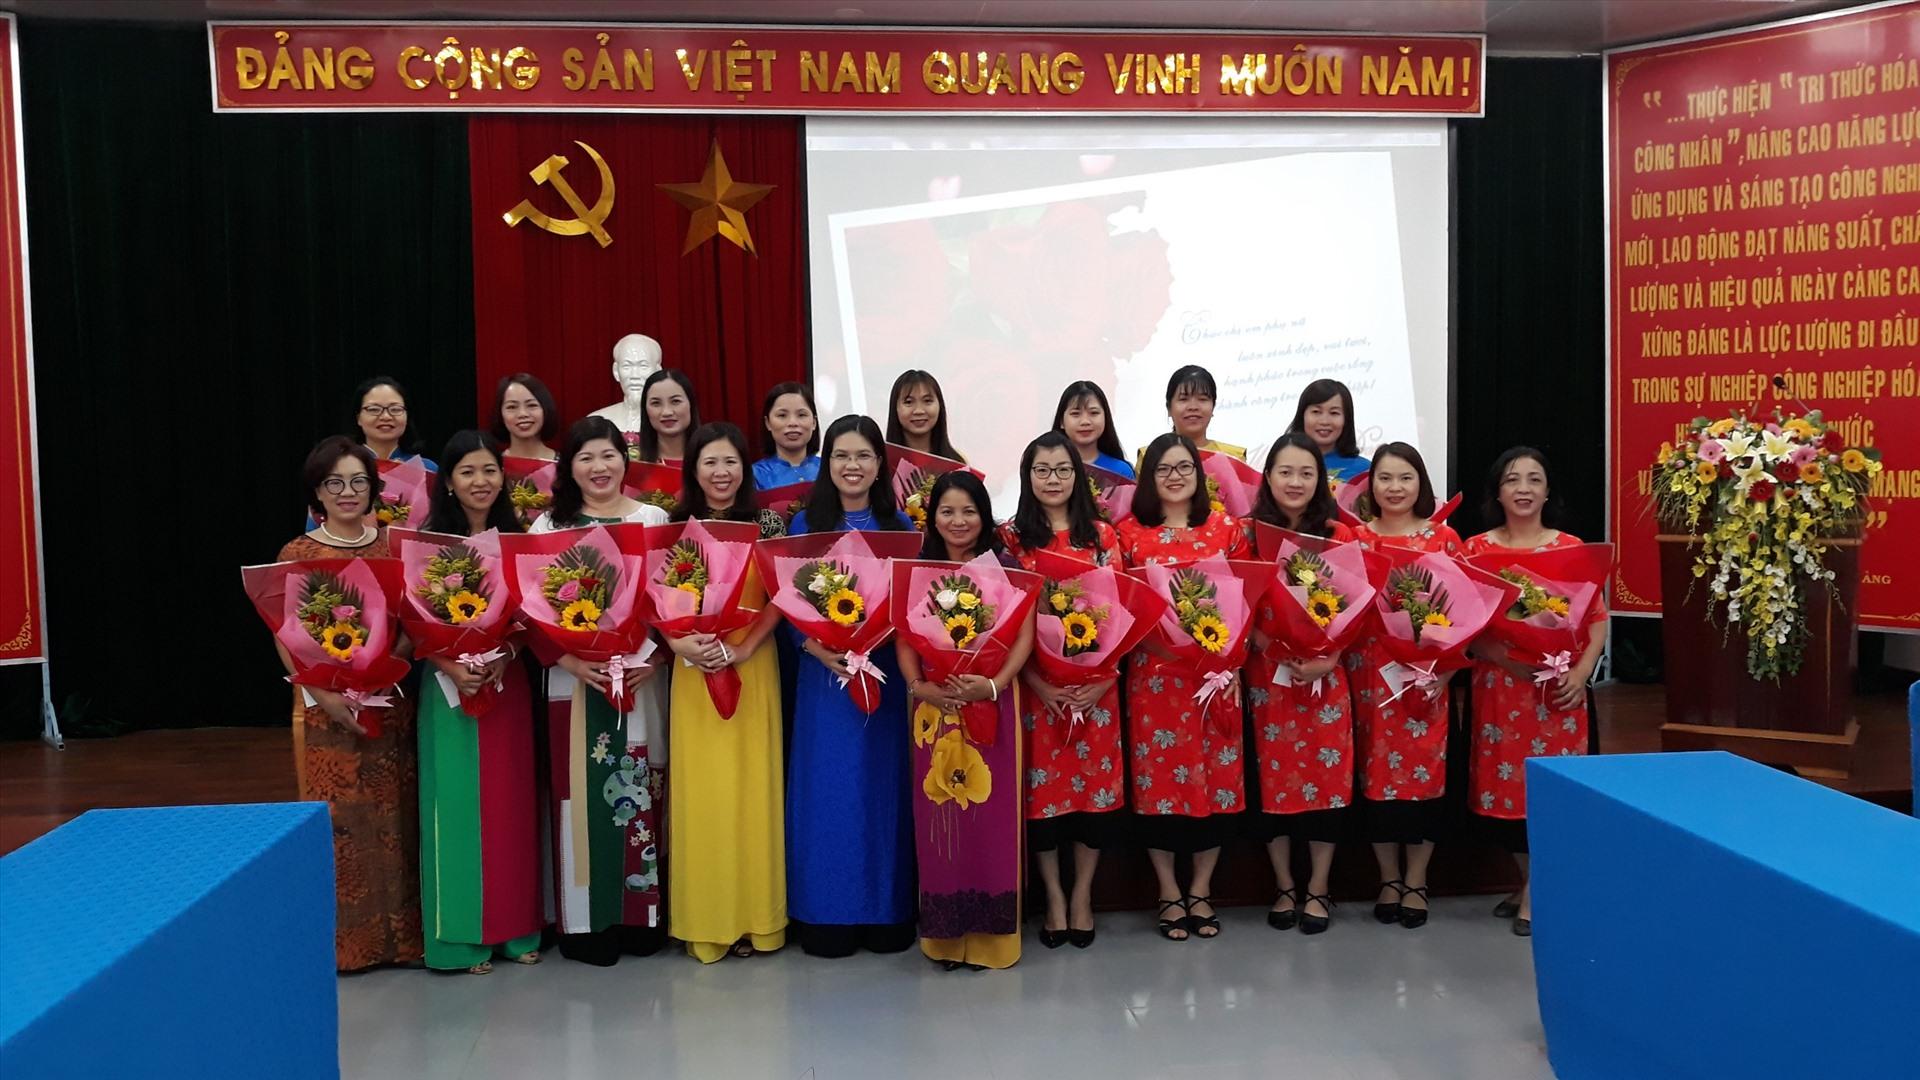 Trong tất cả các loại trang phục thì áo dài tôn vinh được hết nét đẹp của người phụ nữ Việt.